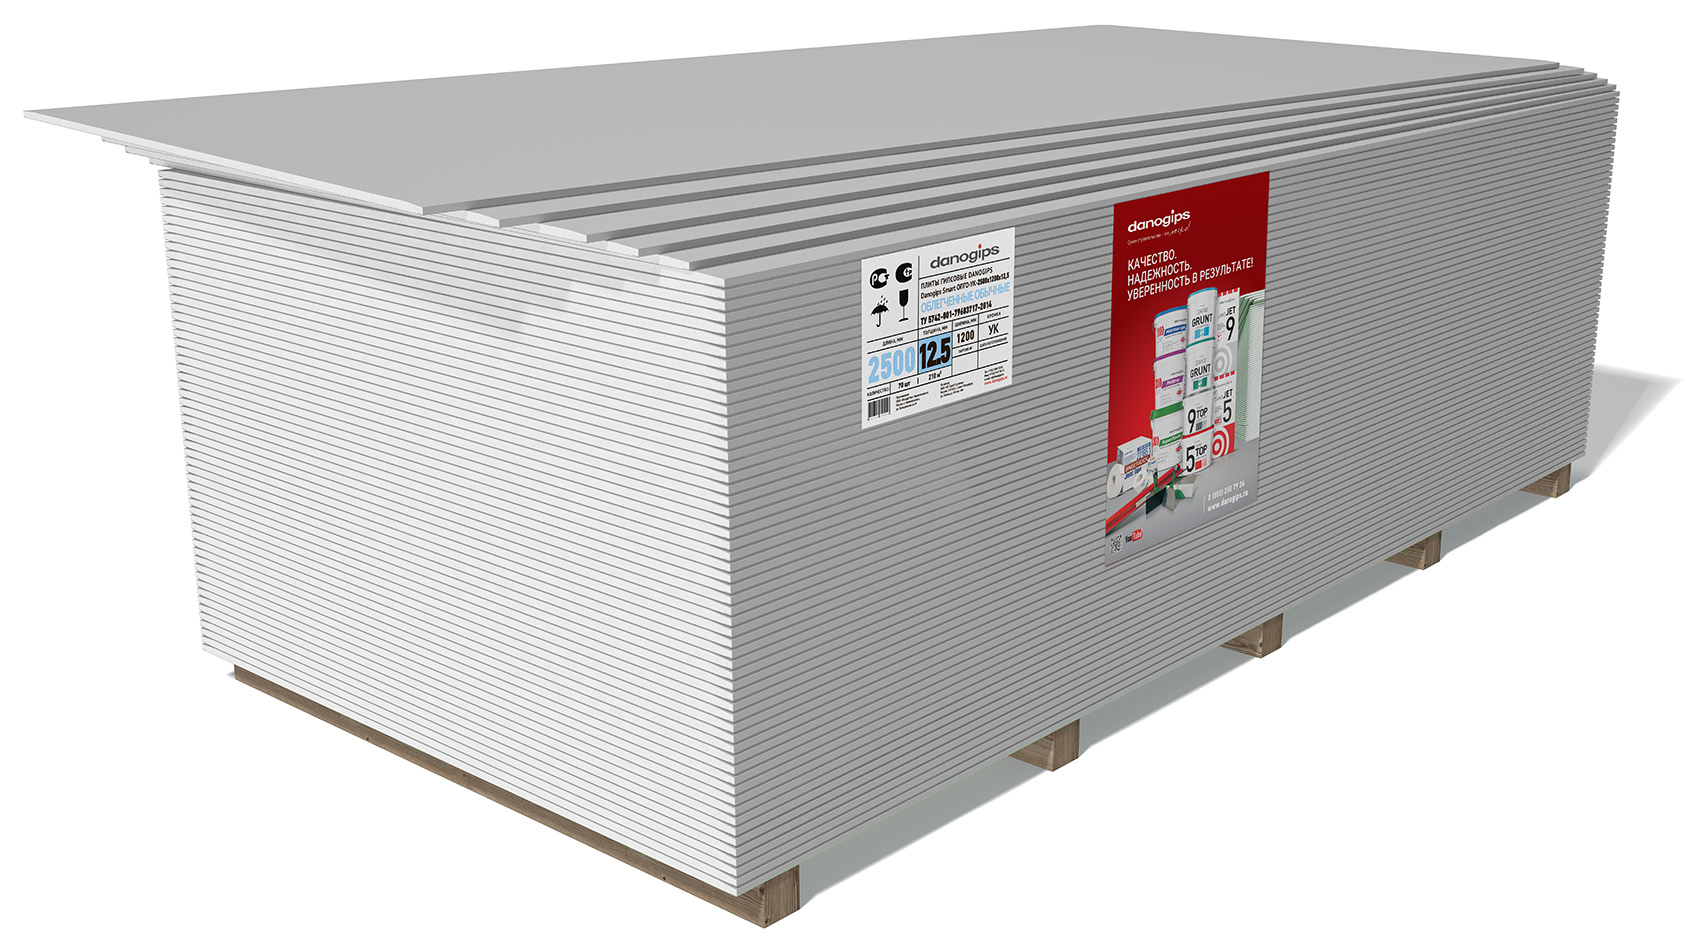 Плита гипсовая обычная Danogips 12,5 мм (ПГО-УК-2500Х1200Х12,5) - фото